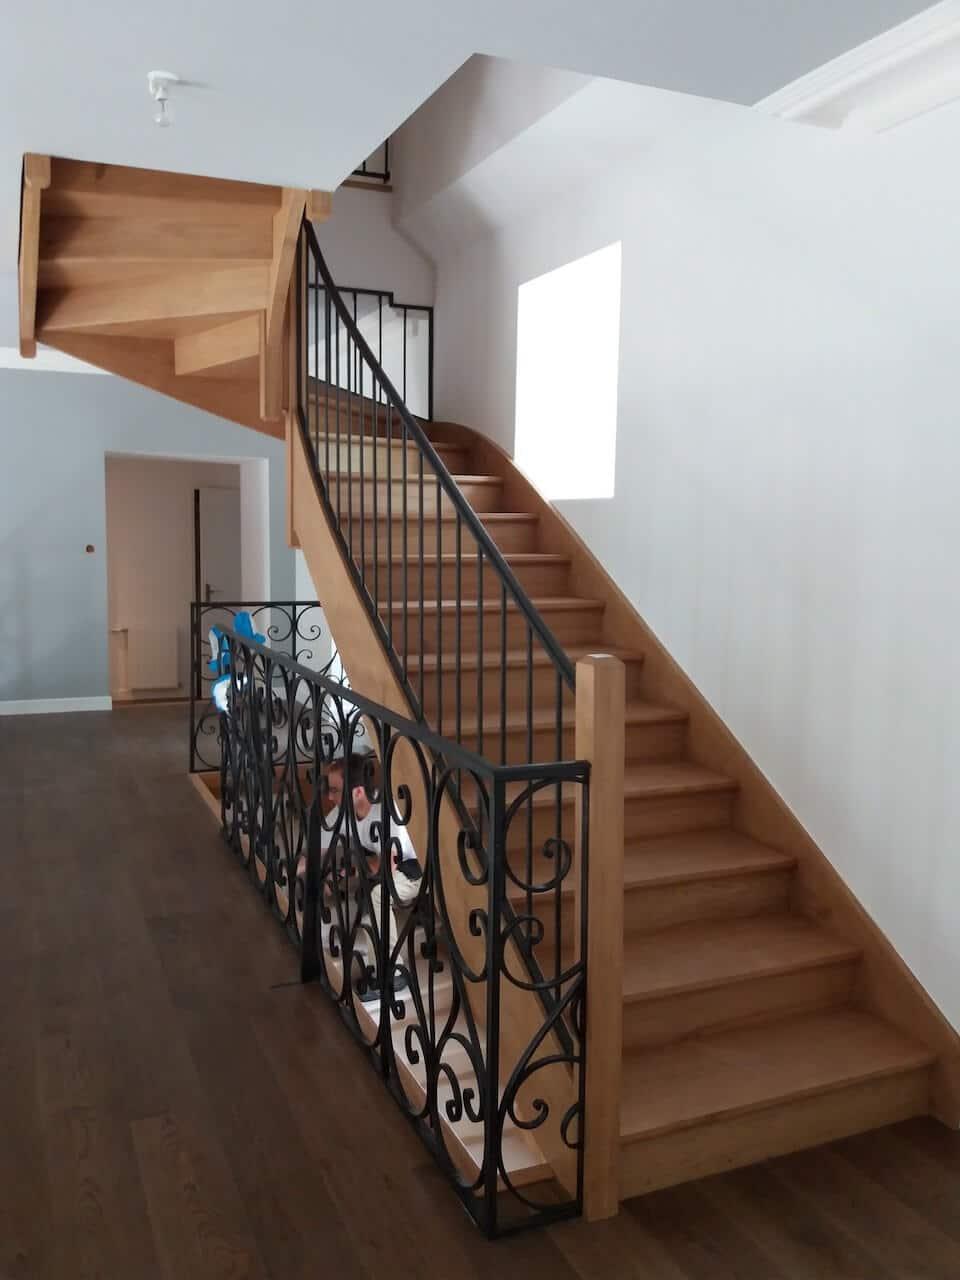 Escalier de chateau